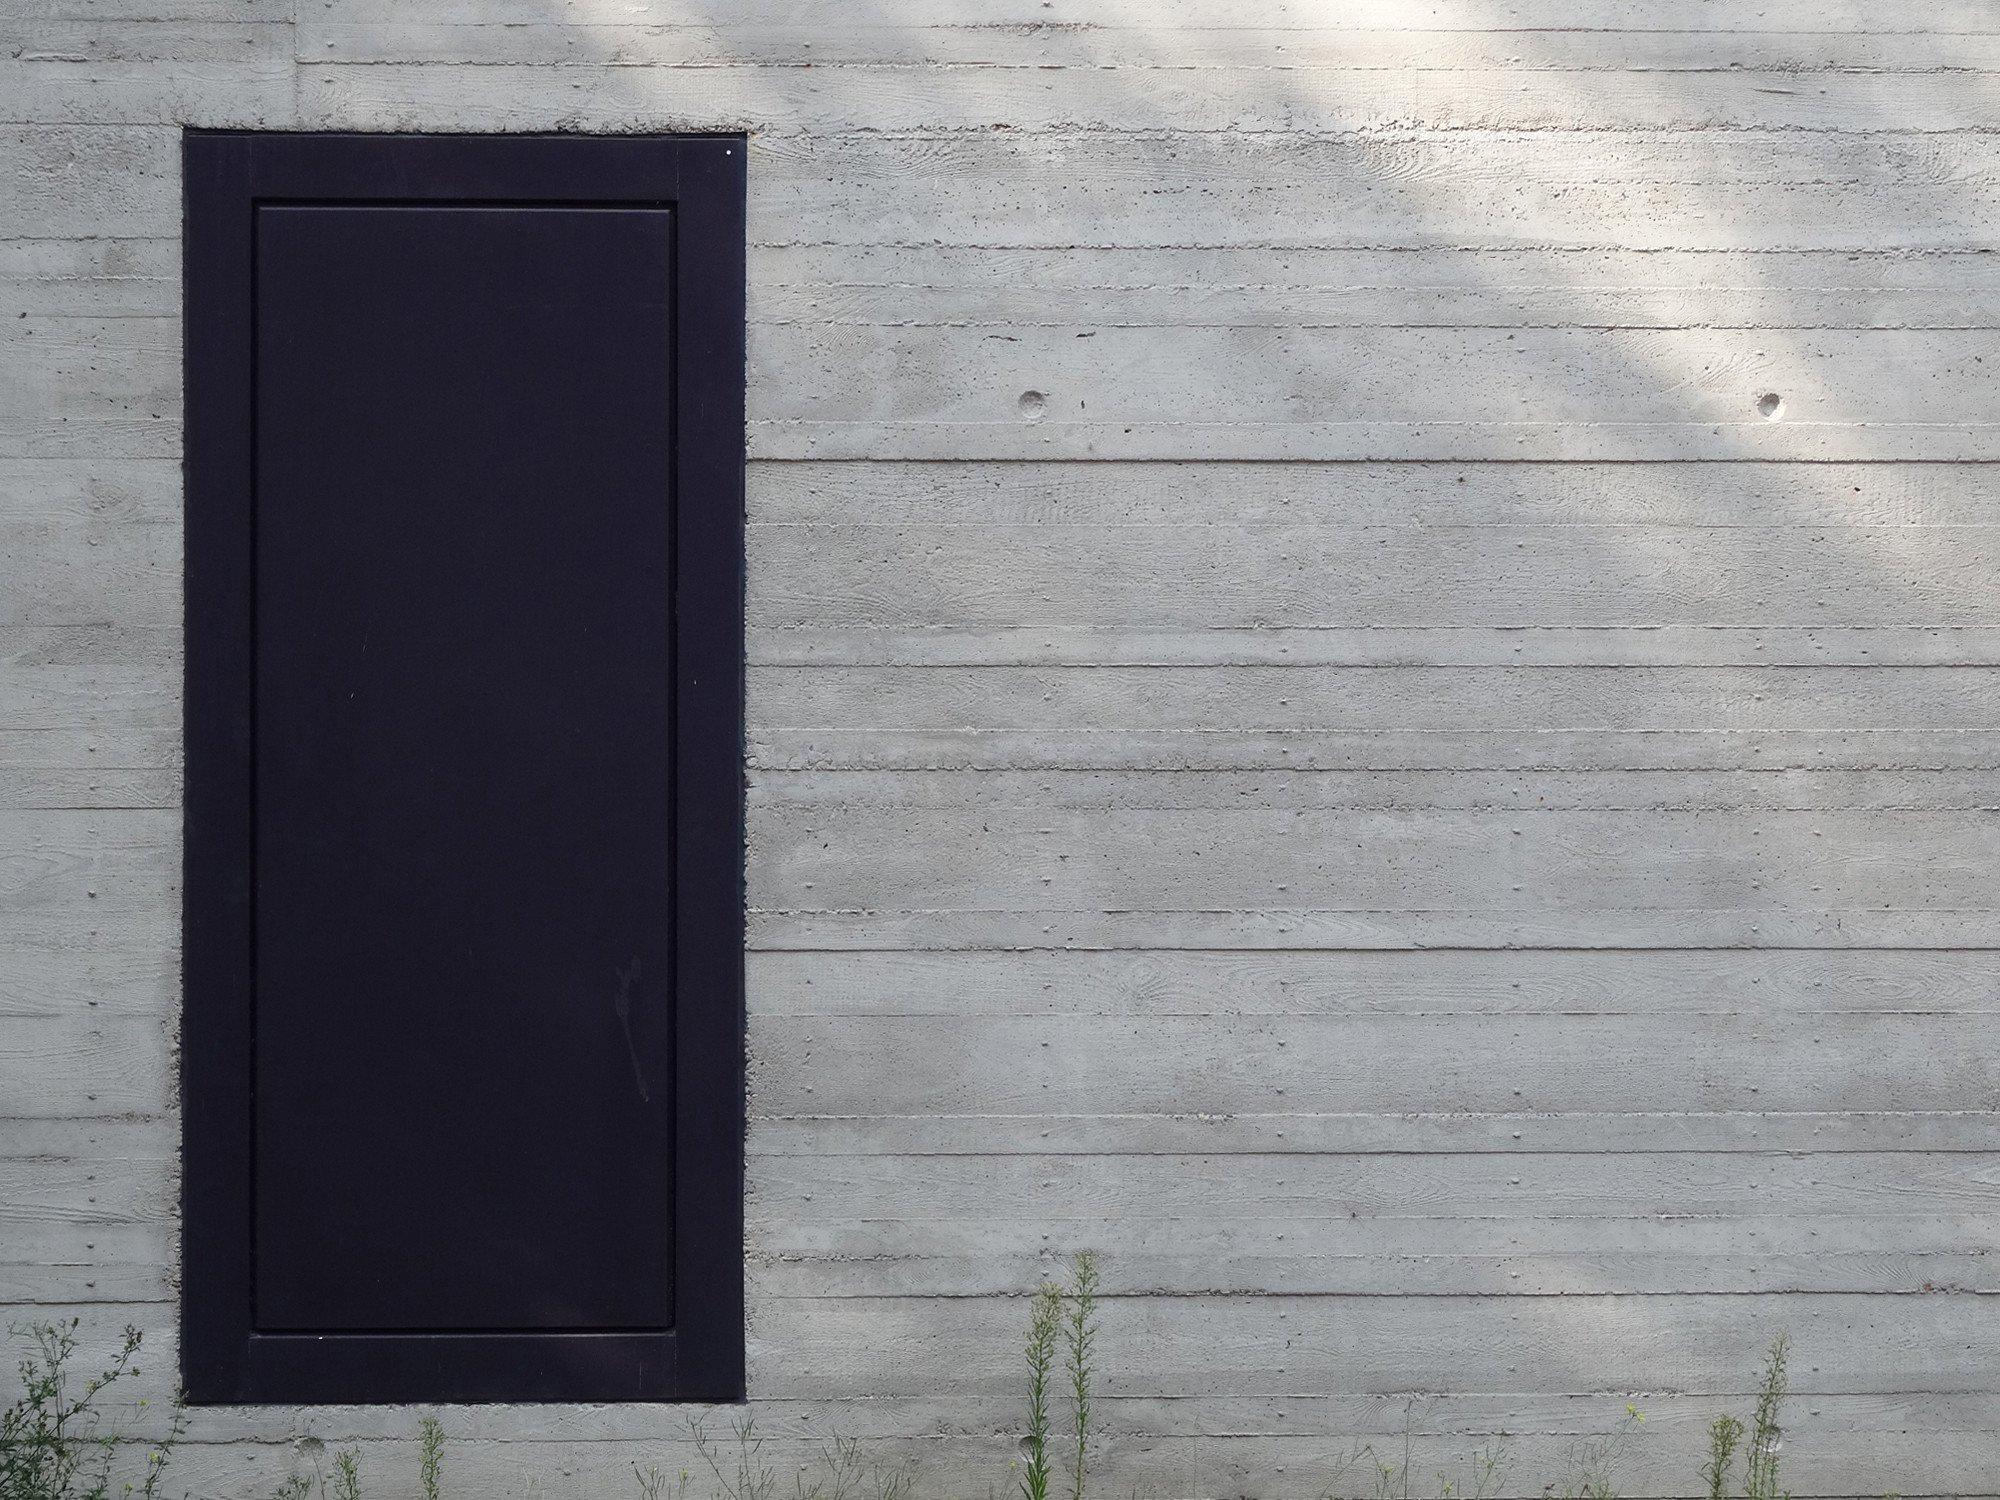 saugende und nicht saugende schalungen beton schalungen baunetz wissen. Black Bedroom Furniture Sets. Home Design Ideas